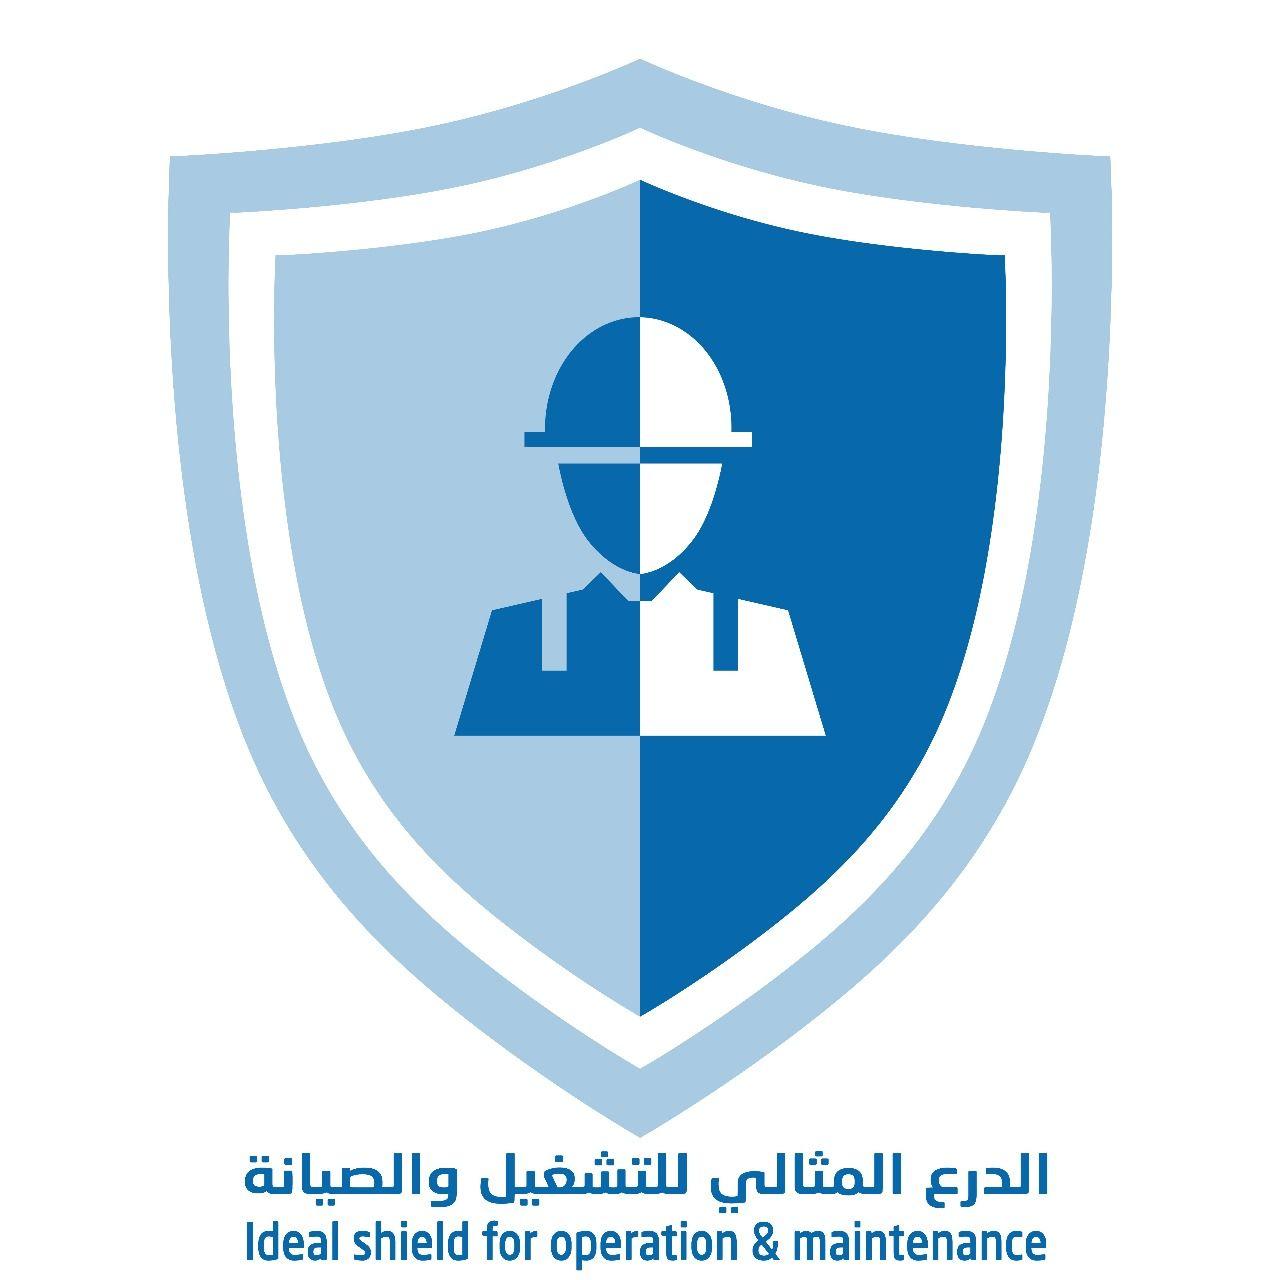 شركة تنظيف مكيفات بالمزاحمية 920008956 اصلاح مكيفات وتنظيفها بطرق حديثة Sport Team Logos Team Logo Astros Logo